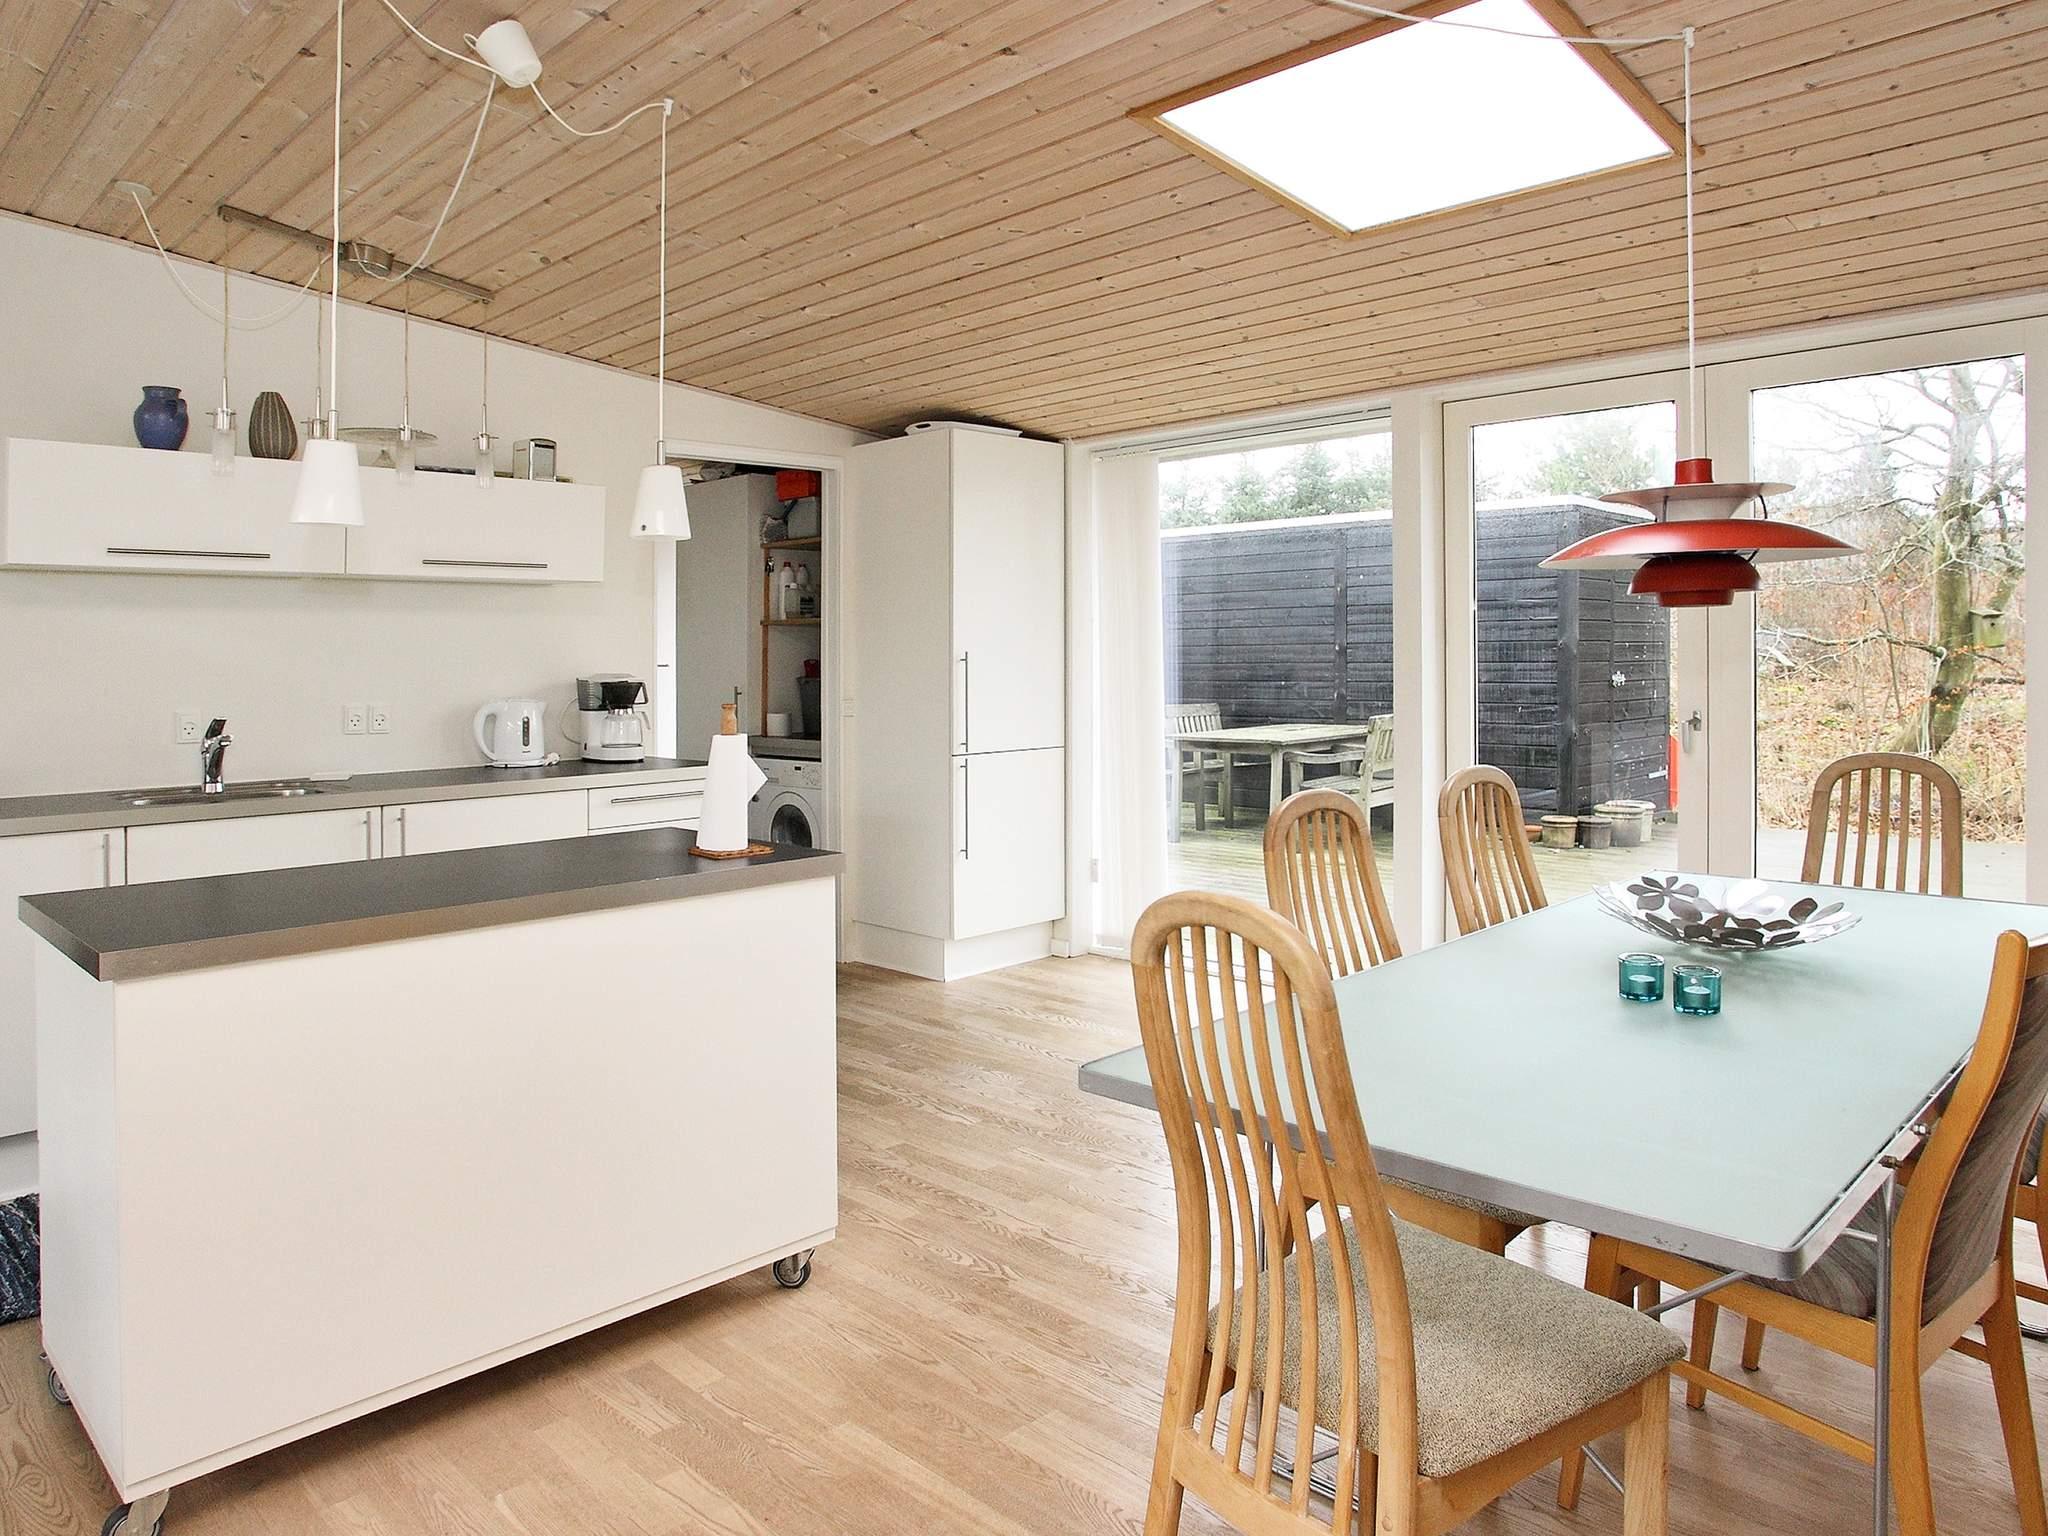 Ferienhaus Hou (338933), Hou, , Dänische Ostsee, Dänemark, Bild 3